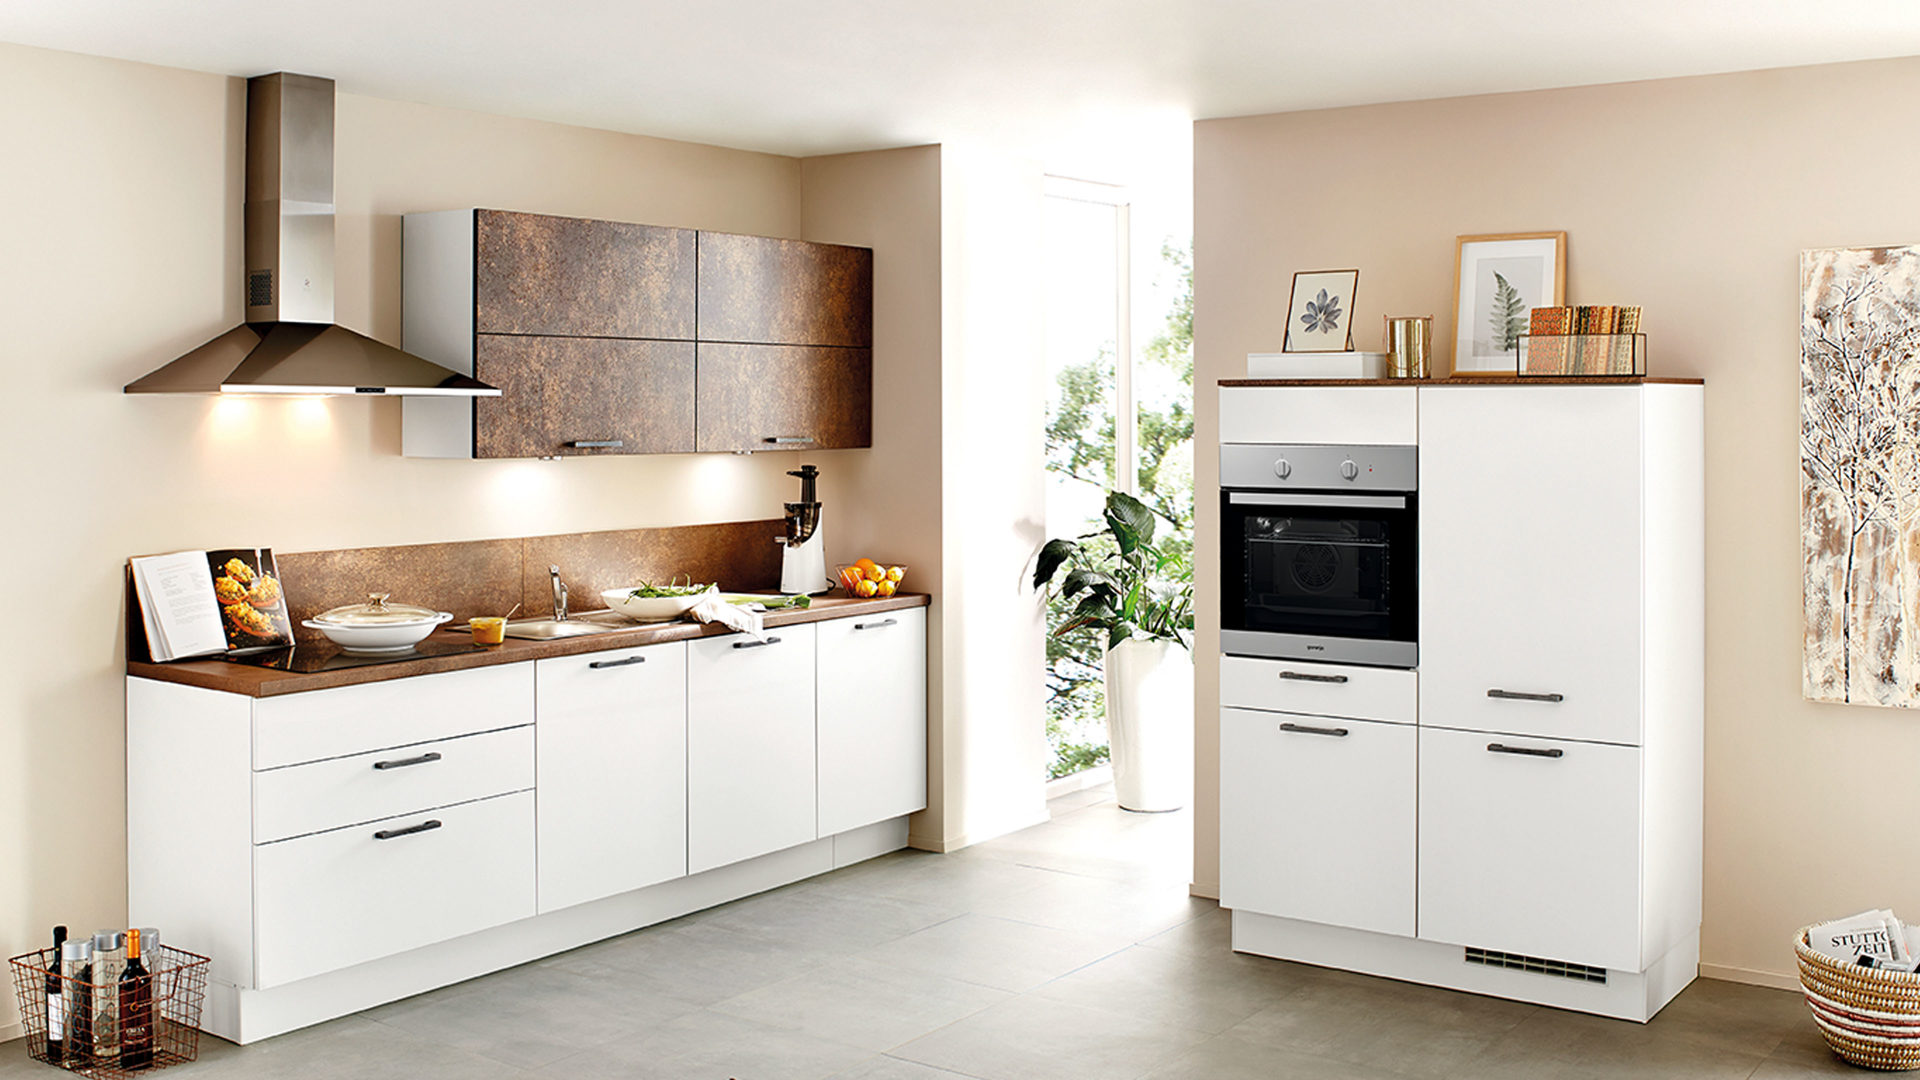 Gorenje Kühlschrank Wie Lange Stehen Lassen : Möbel eilers apen einbauküche mit gorenje elektrogeräten wie